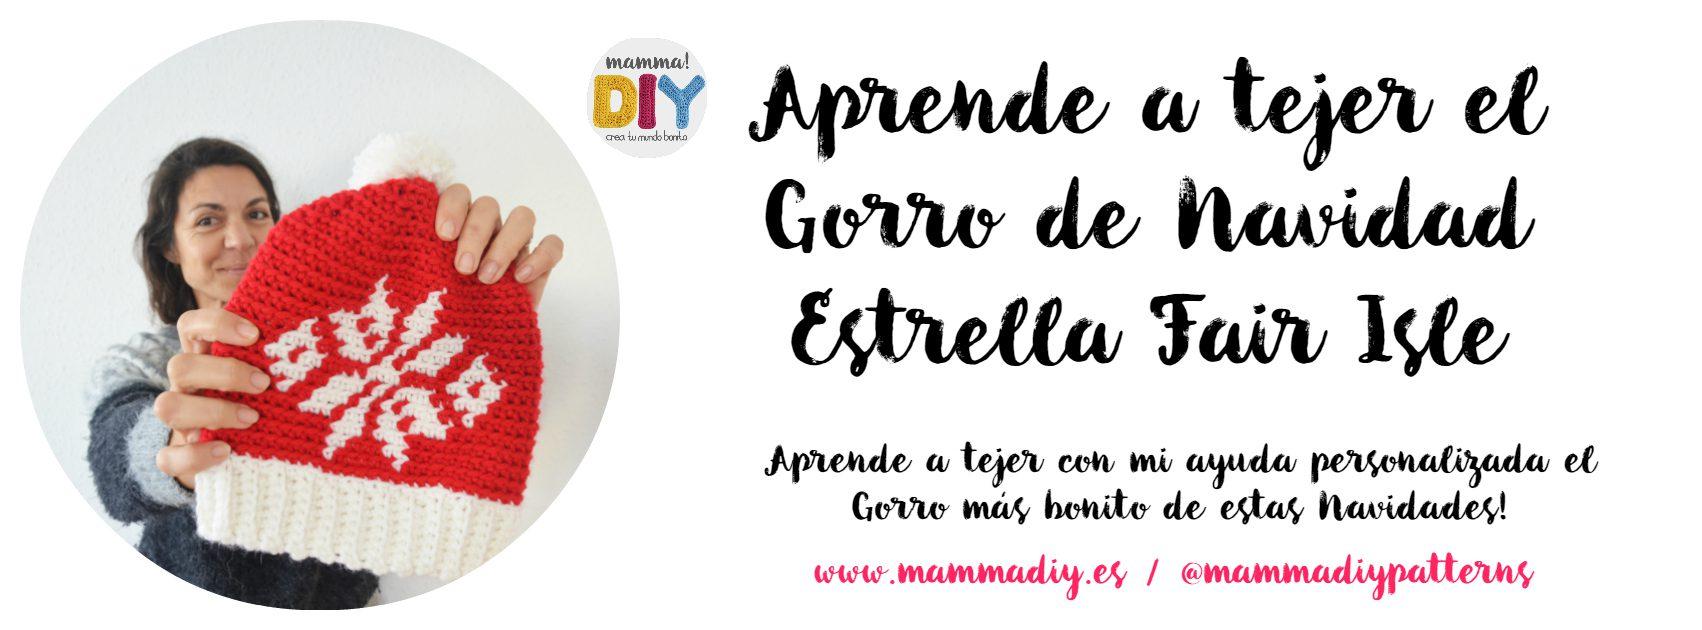 El Gorro de Navidad a Crochet perfecto! - Mamma! Do It Yourself